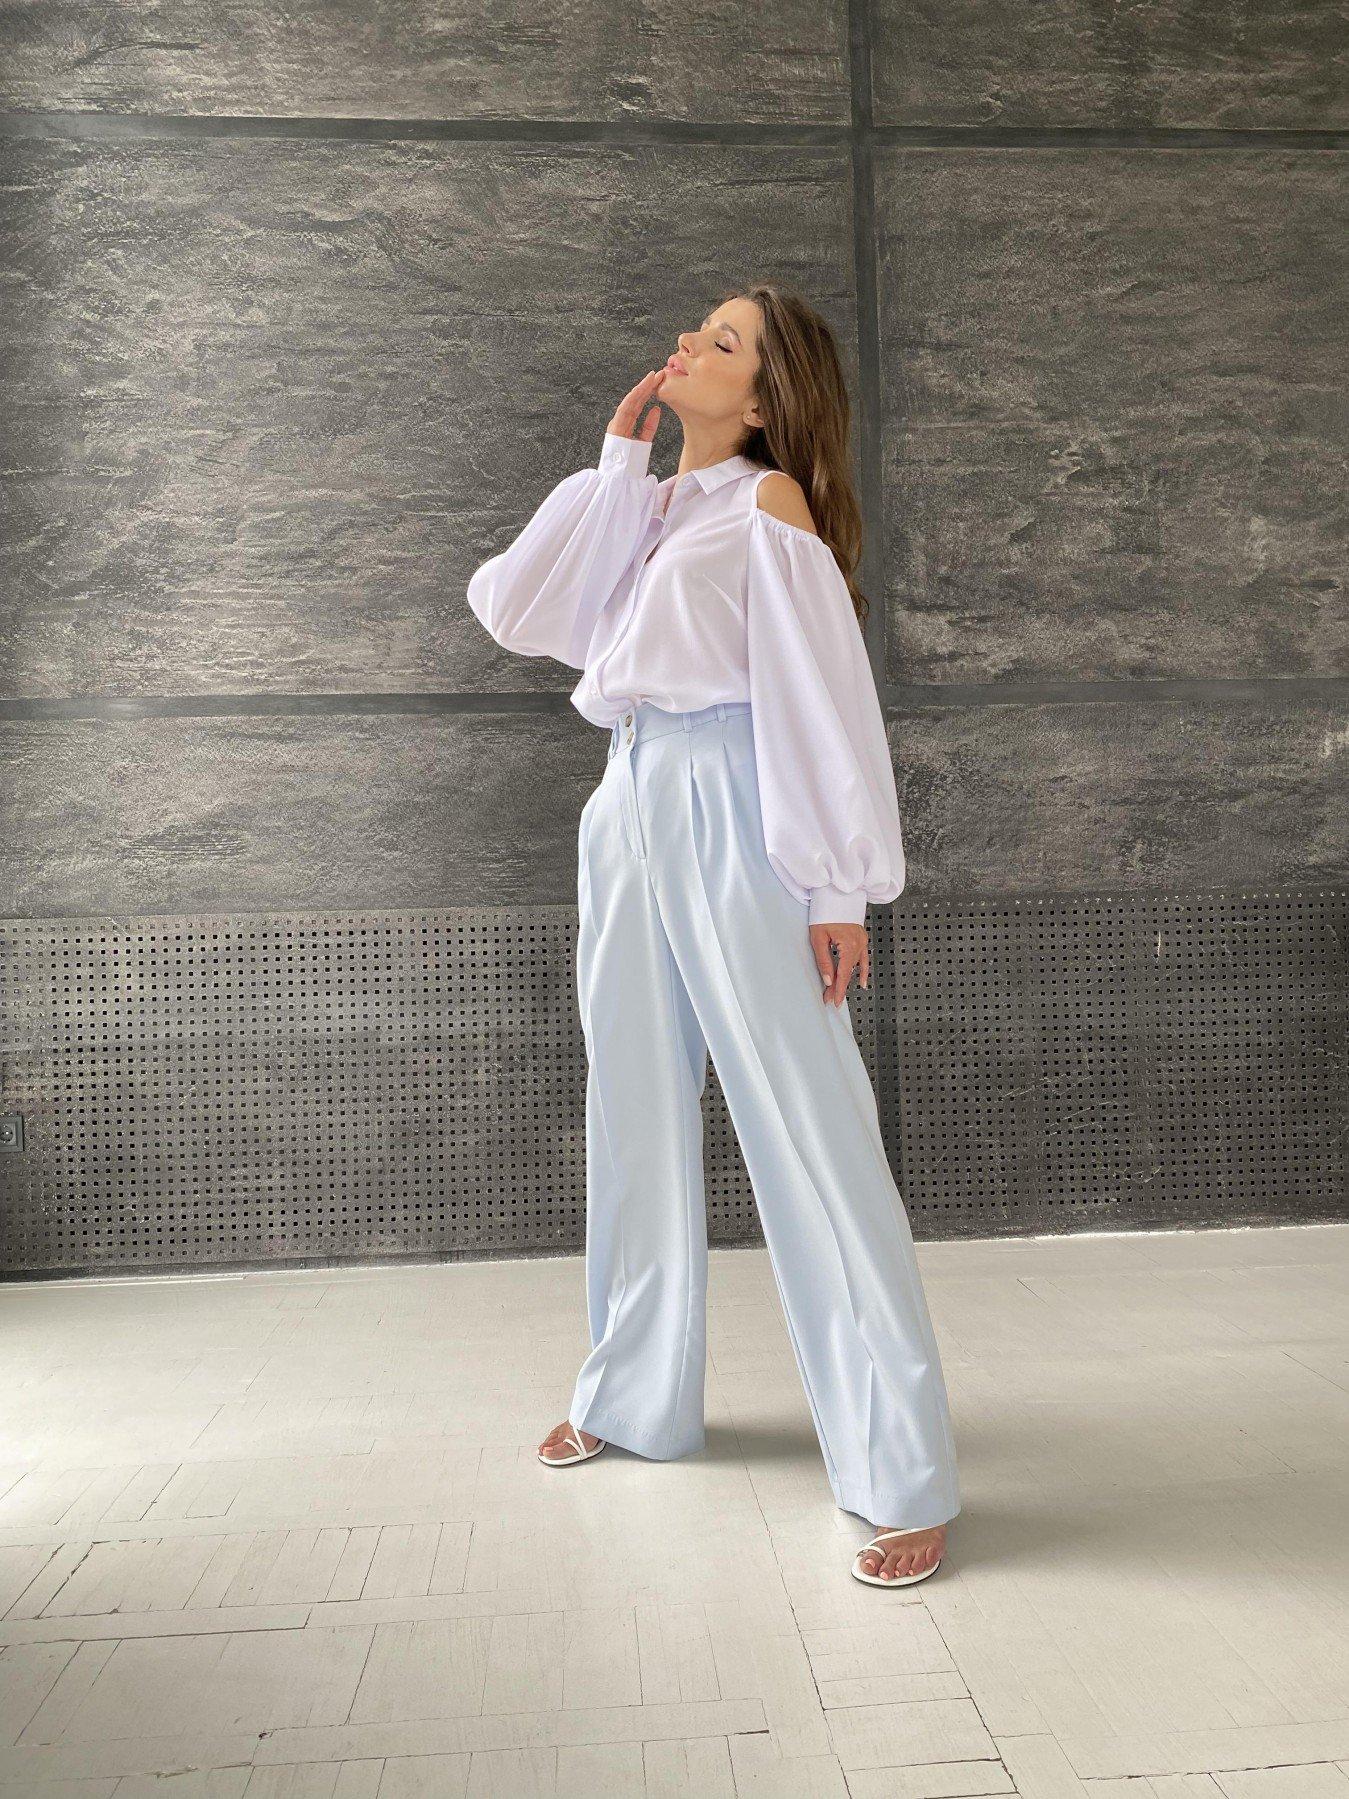 Адель блуза из креп креш шифона 11657 АРТ. 48371 Цвет: Белый - фото 5, интернет магазин tm-modus.ru